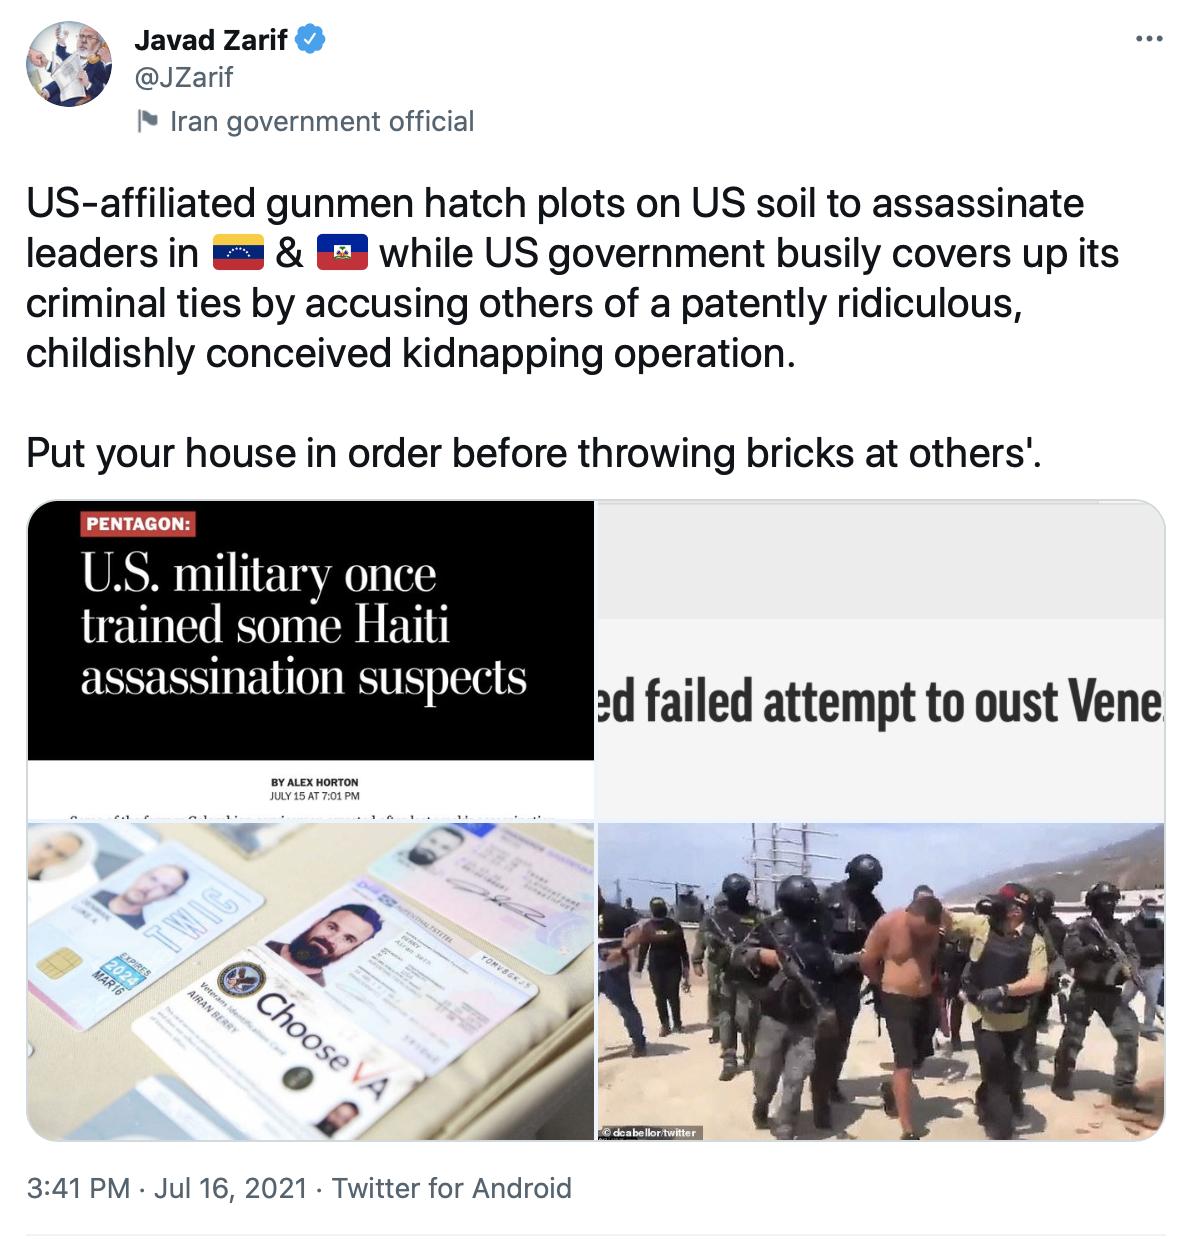 ظریف: پیش از متهم کردن دیگران به وضعیت خودتان بپردازید